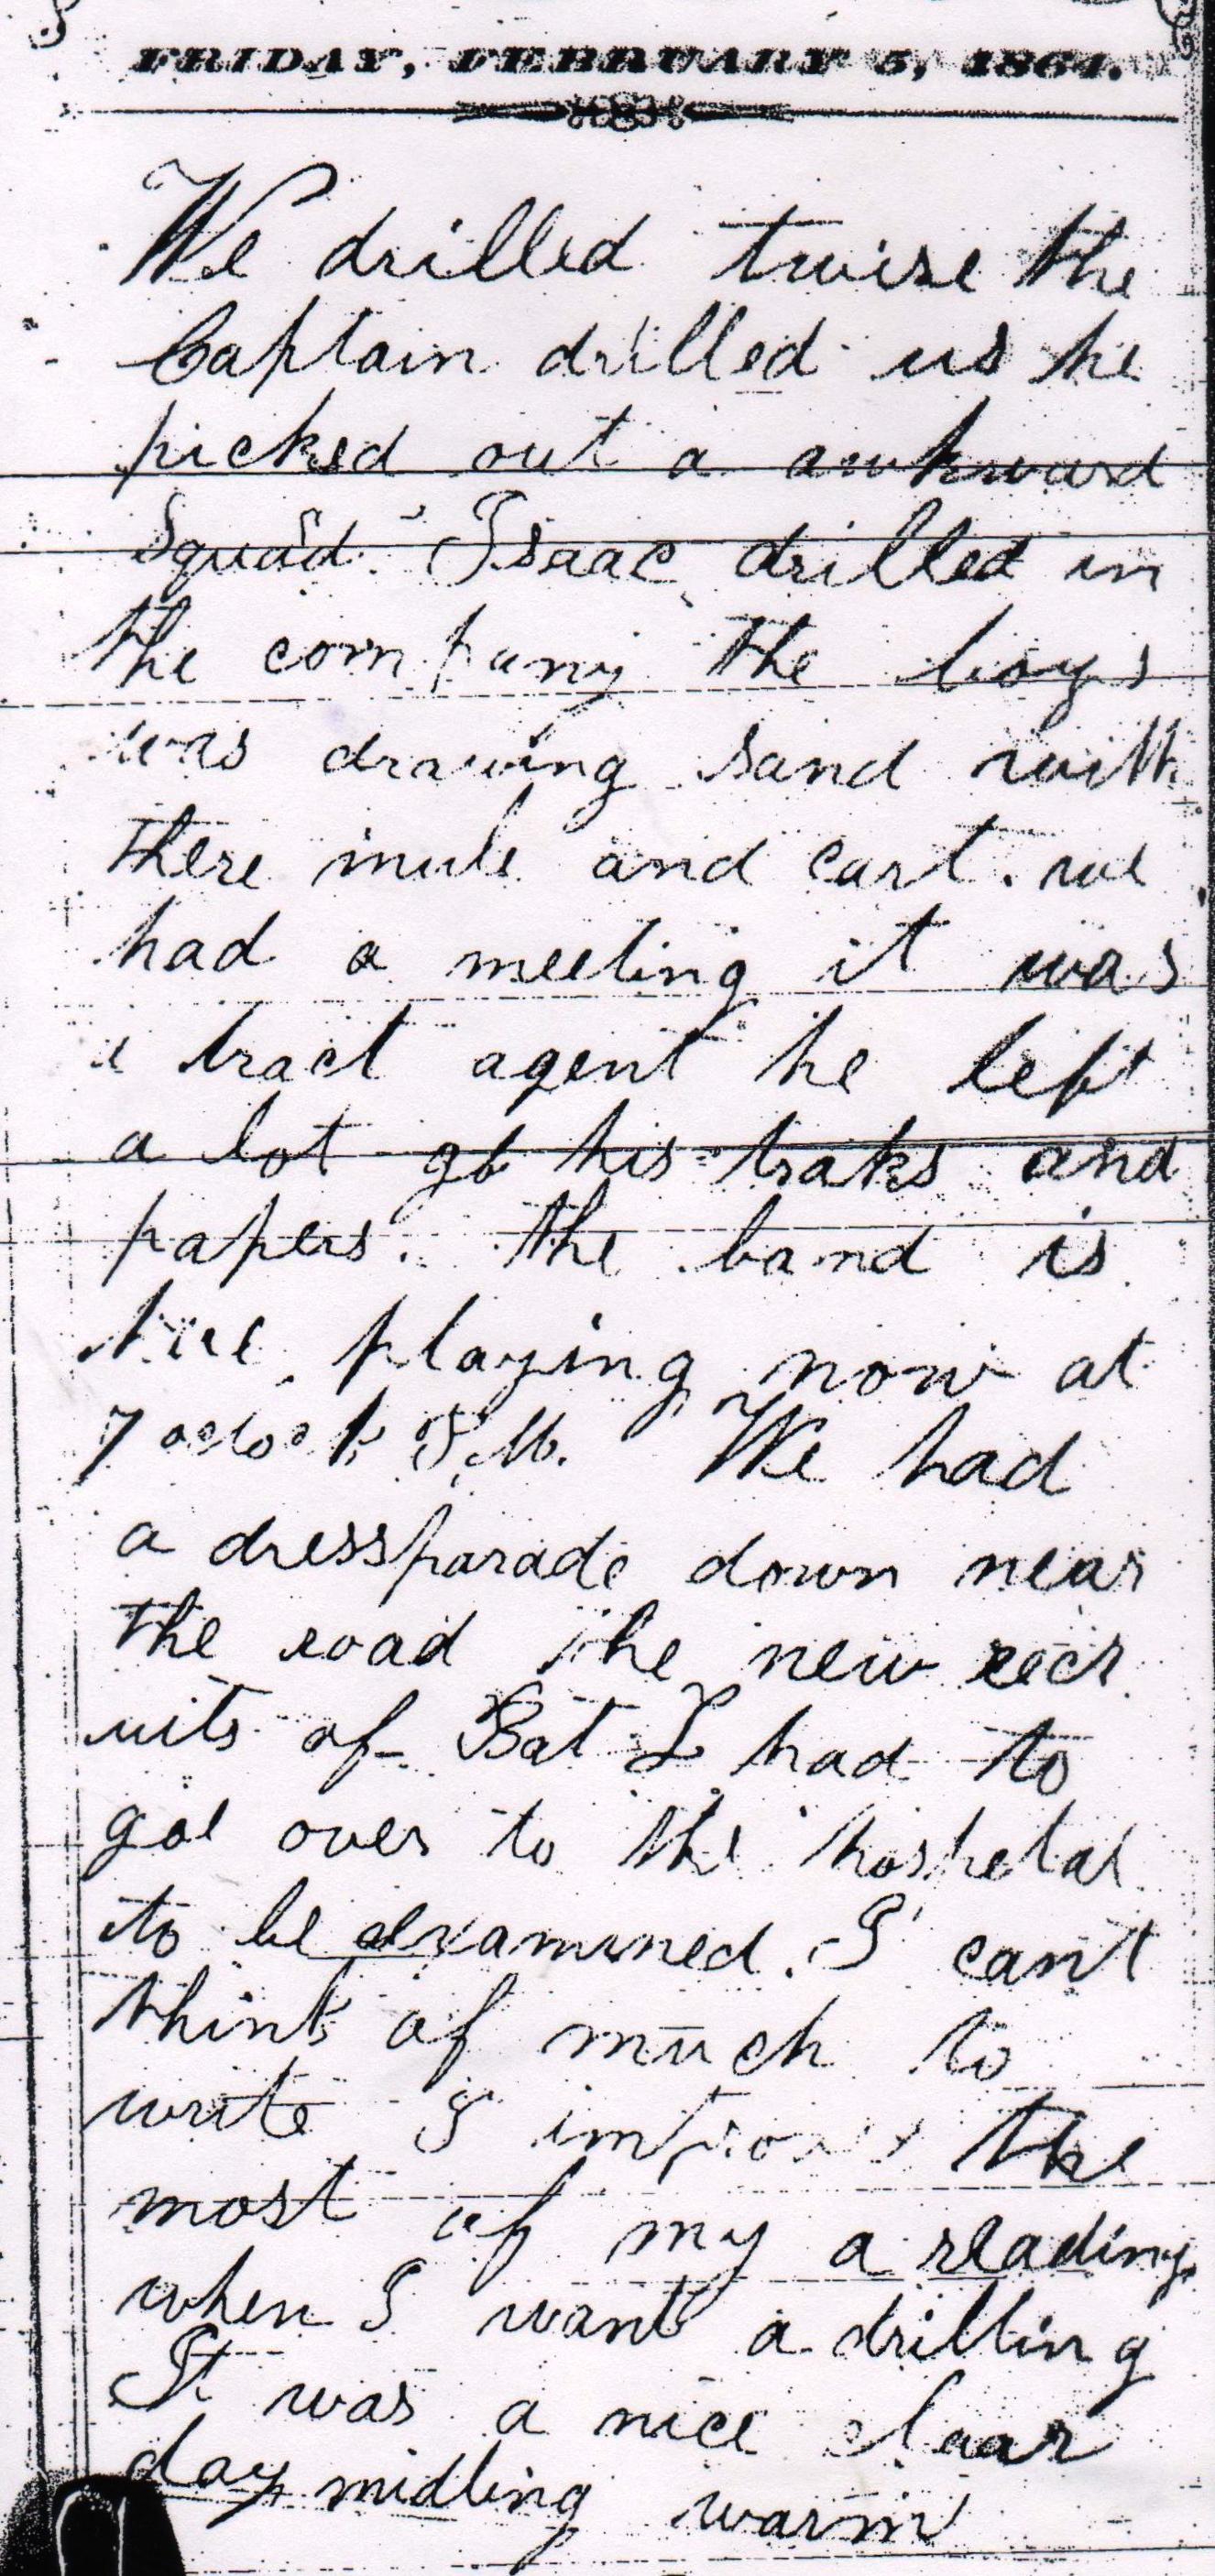 February Charles Hadsall Diary